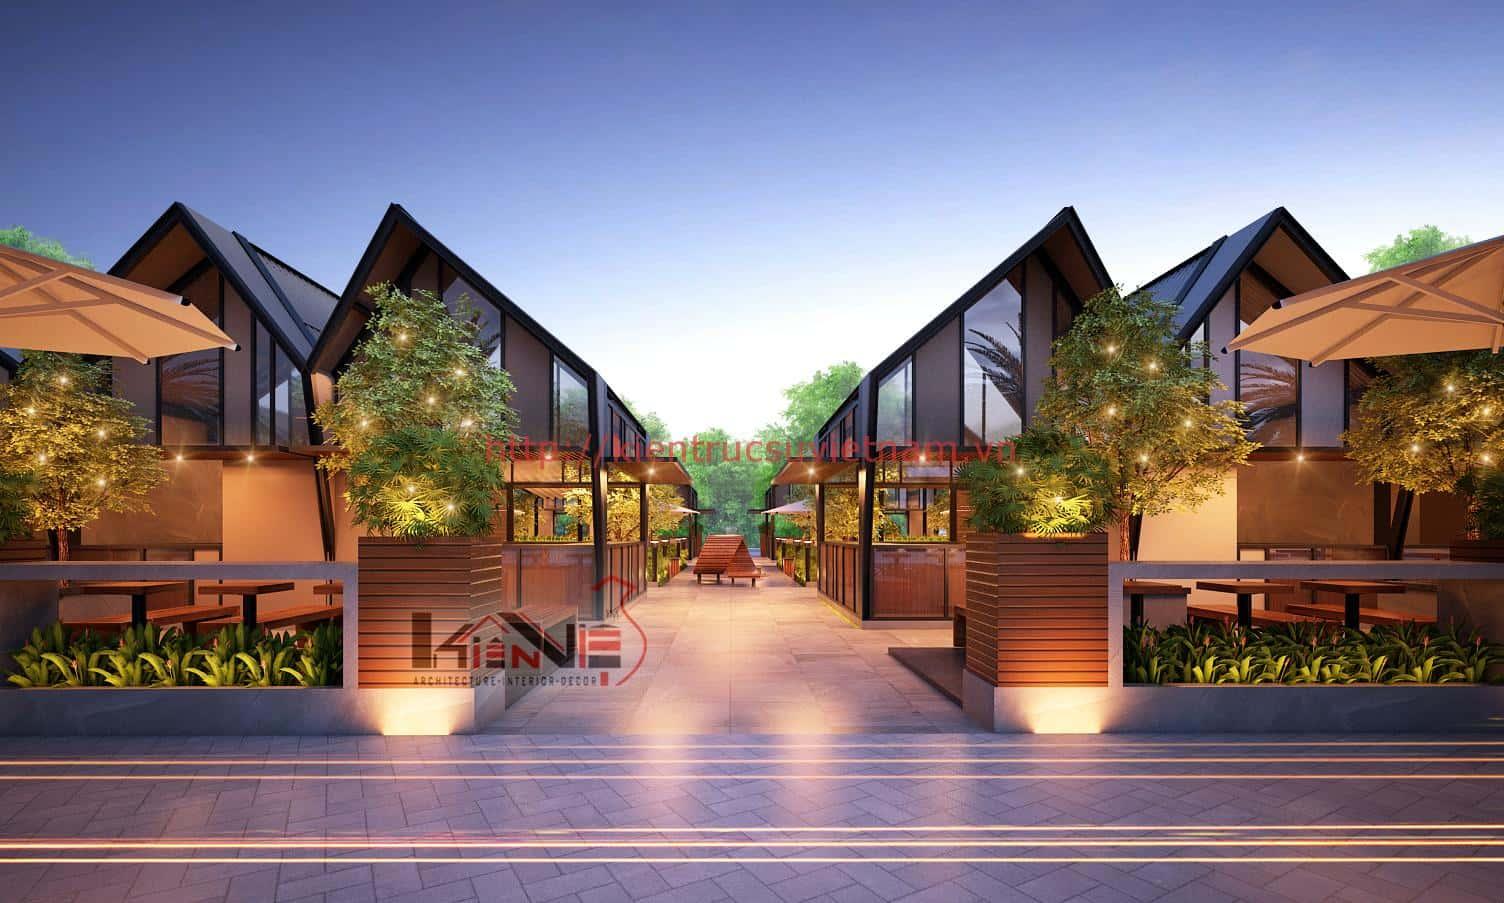 view4 copy - Thiết kế nhà hàng sang trọng quận Ninh Kiều, tp Cần Thơ